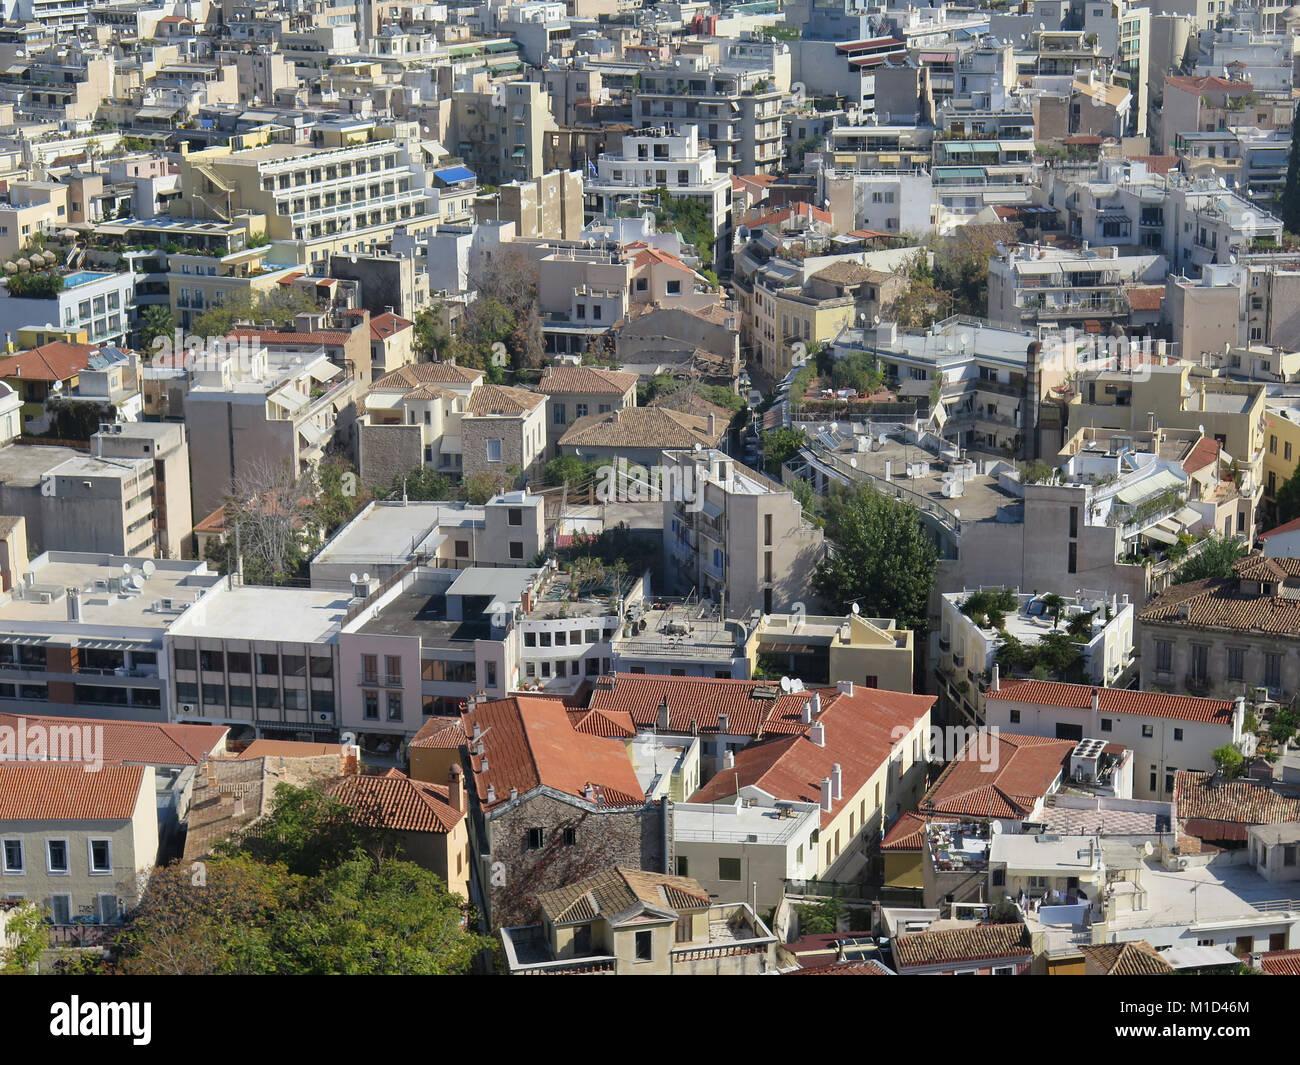 Blick von der Akropolis in die Altstadt Bezirk Plaka, Athen, Griechenland - Stock Image